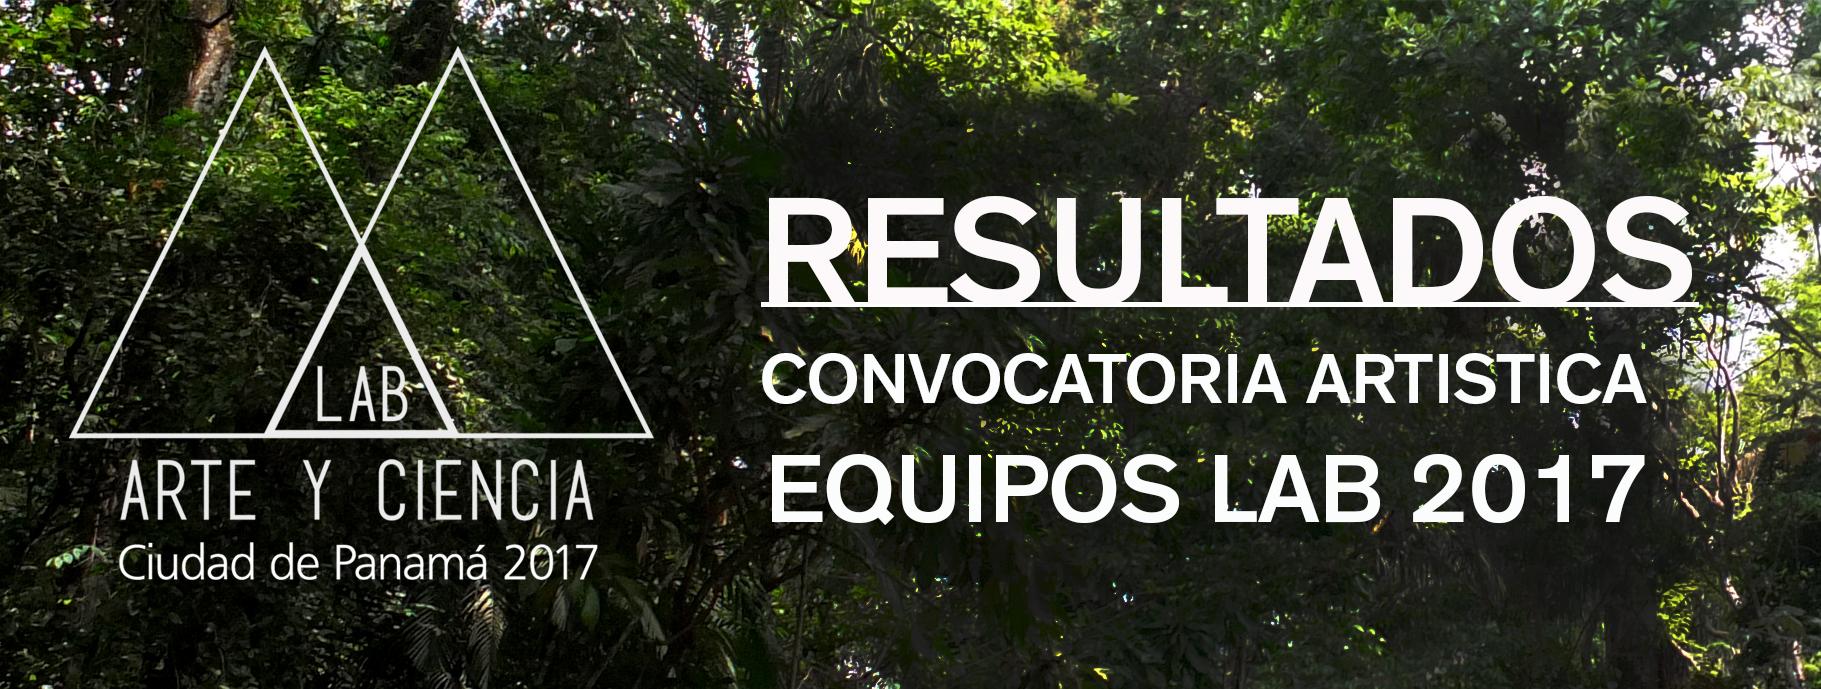 Resultados de la convocatoria artística – Equipos seleccionados para el LAB 2017